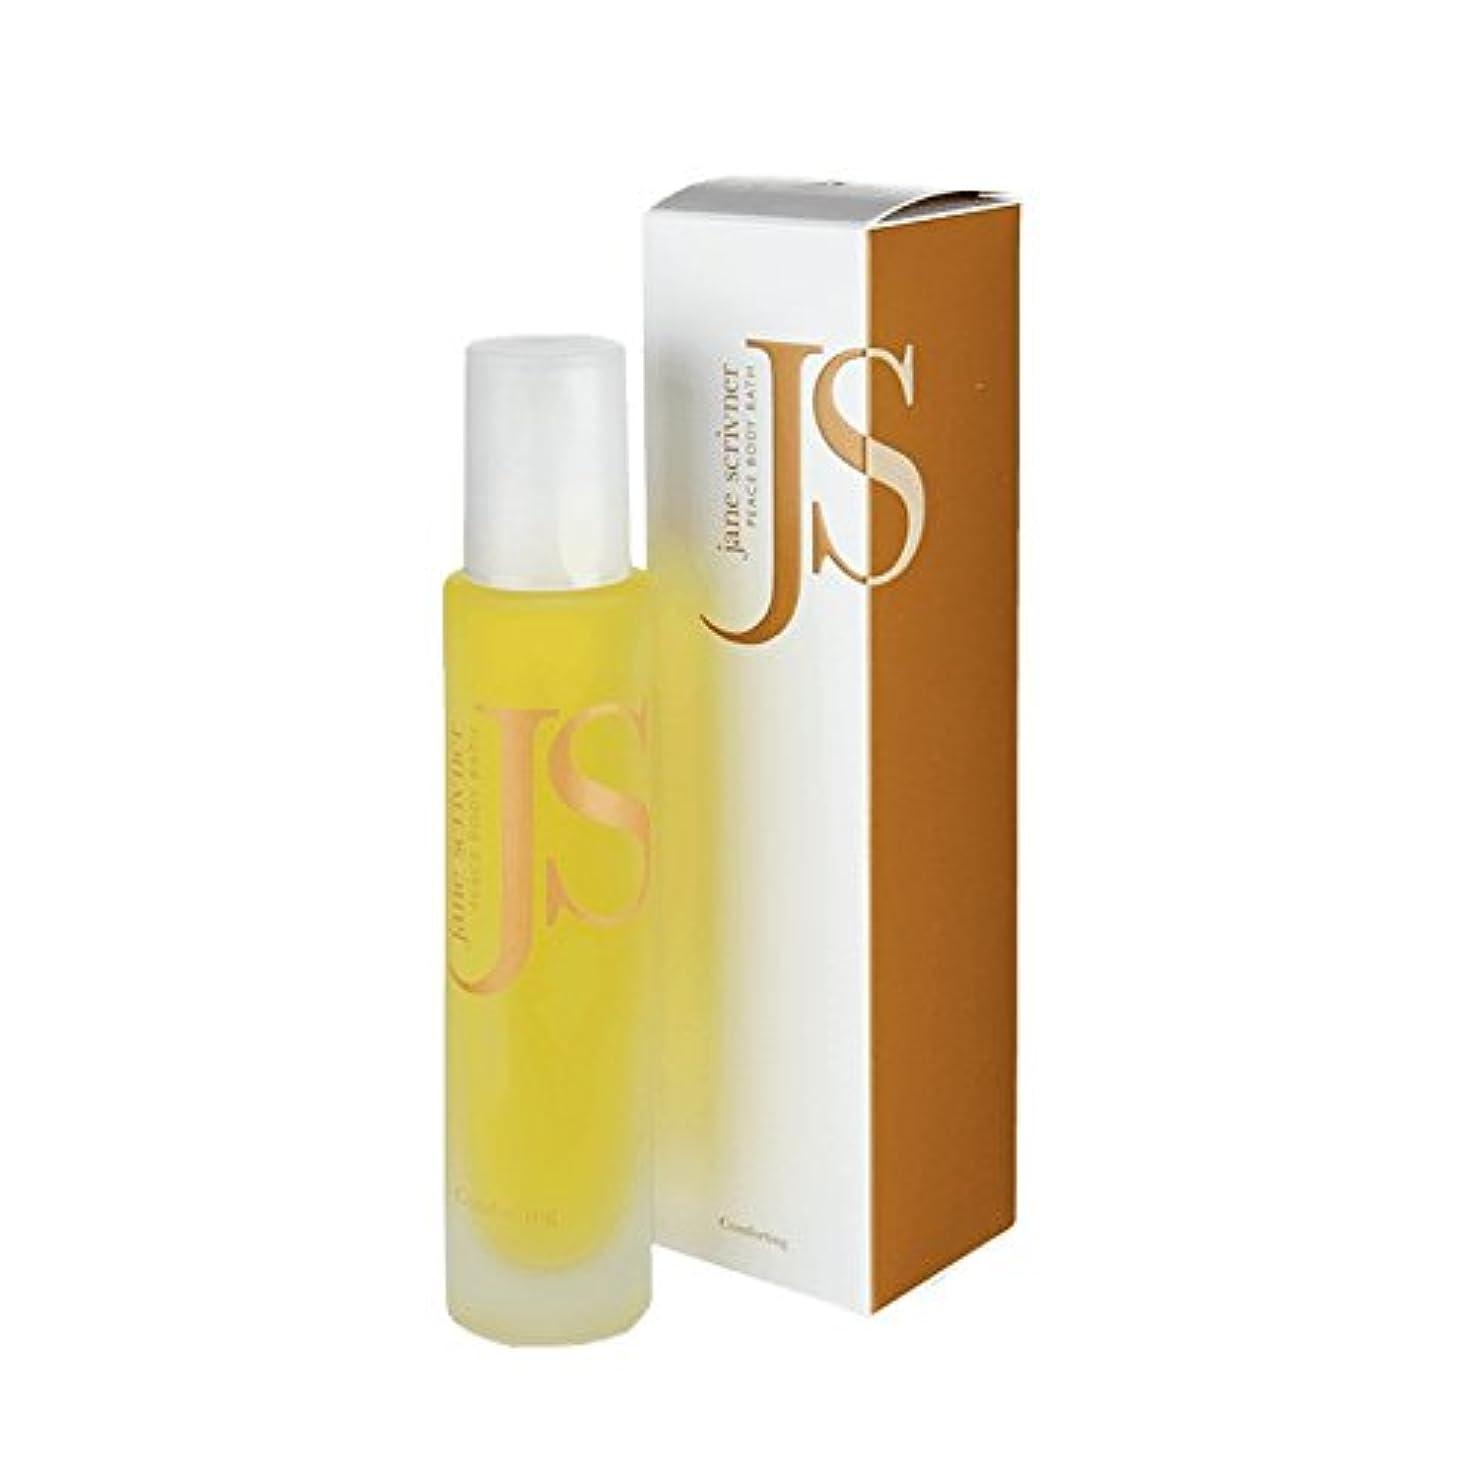 ヒロイック同行するカタログジェーンScrivnerボディバスオイル平和100ミリリットル - Jane Scrivner Body Bath Oil Peace 100ml (Jane Scrivner) [並行輸入品]